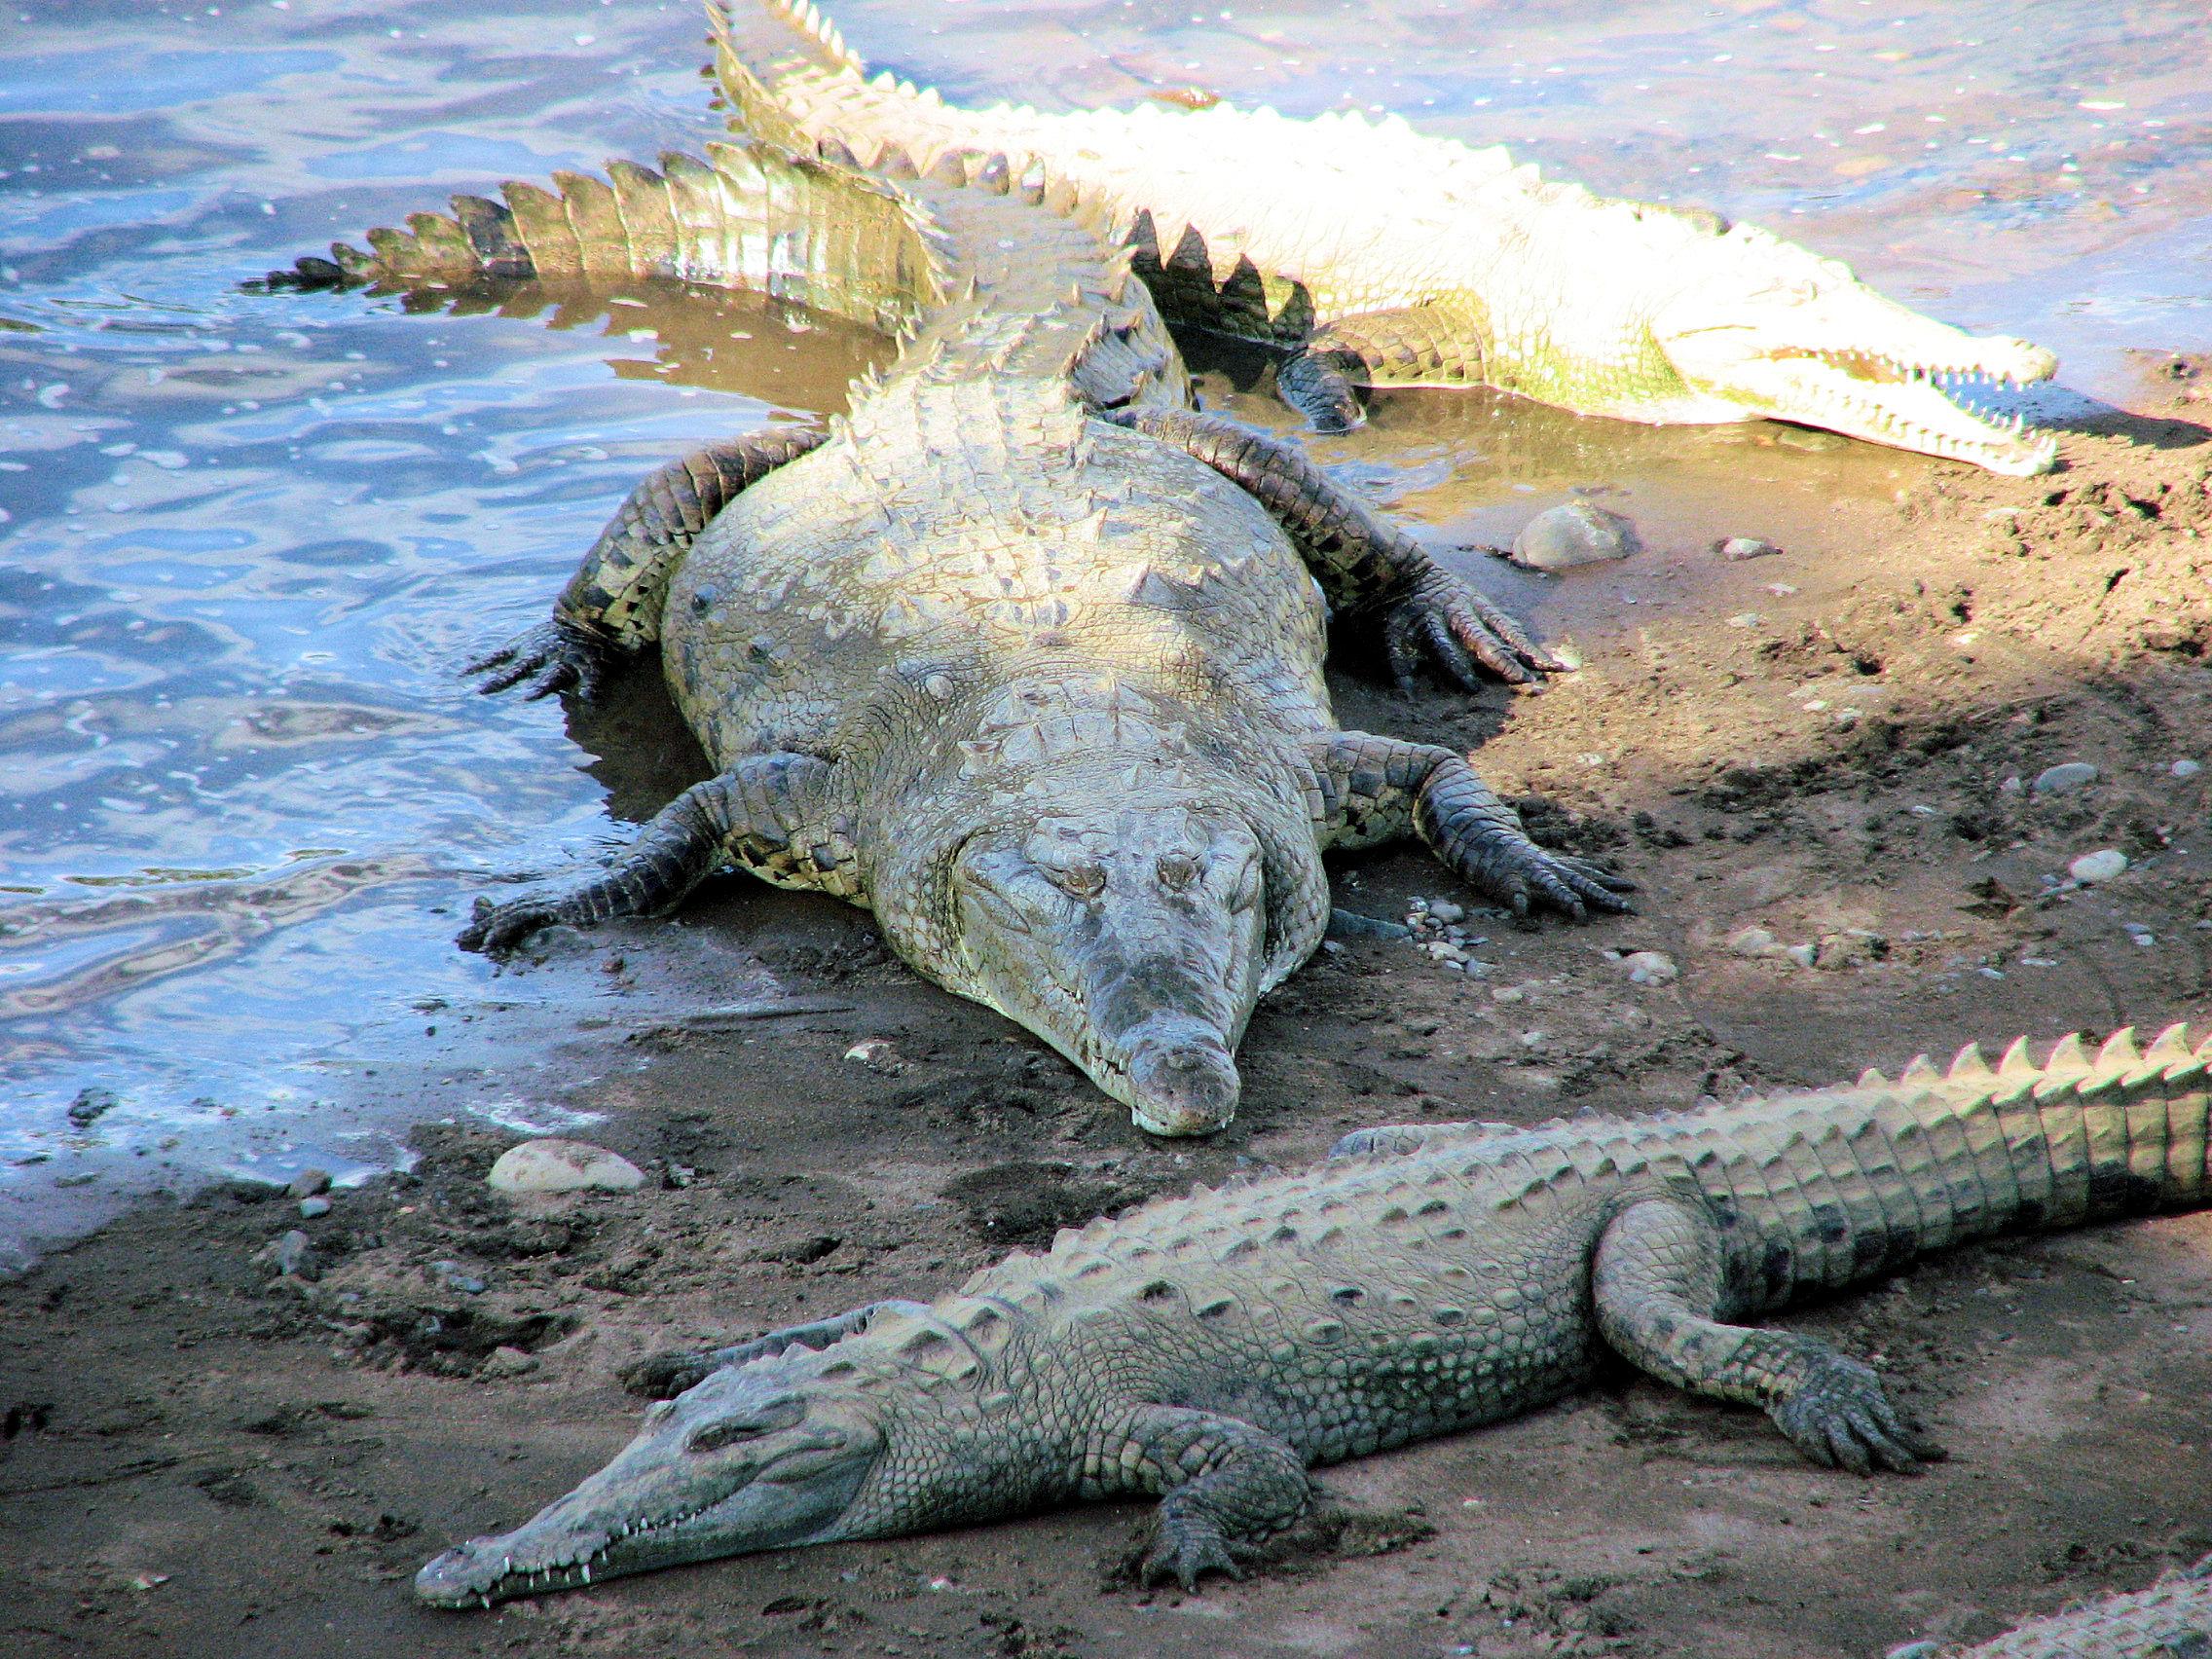 Crocodile Eats Dog Video